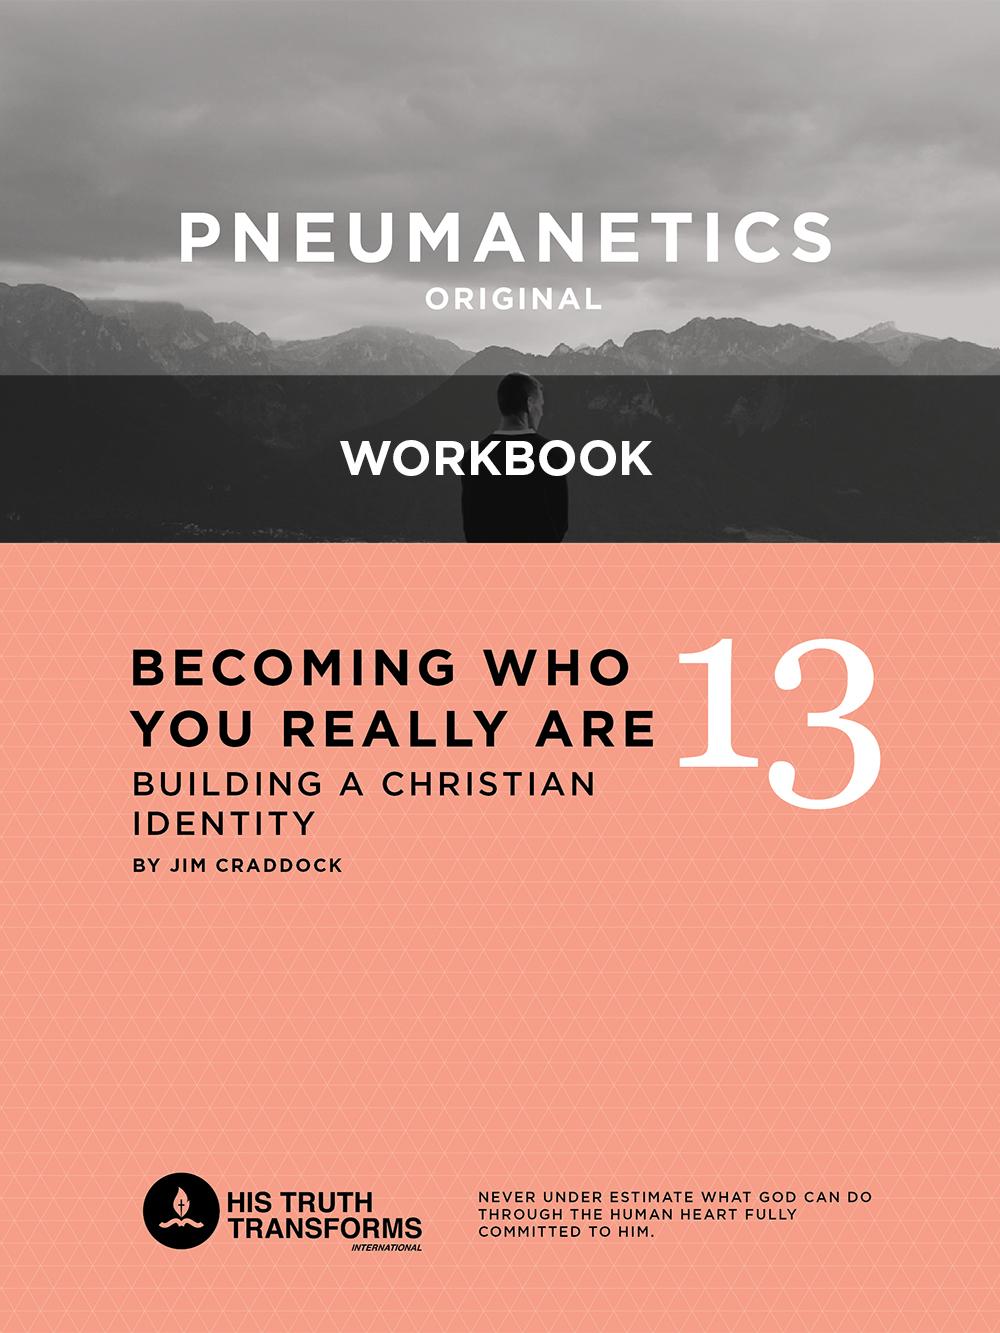 pneumanetics-13-workbook.jpg